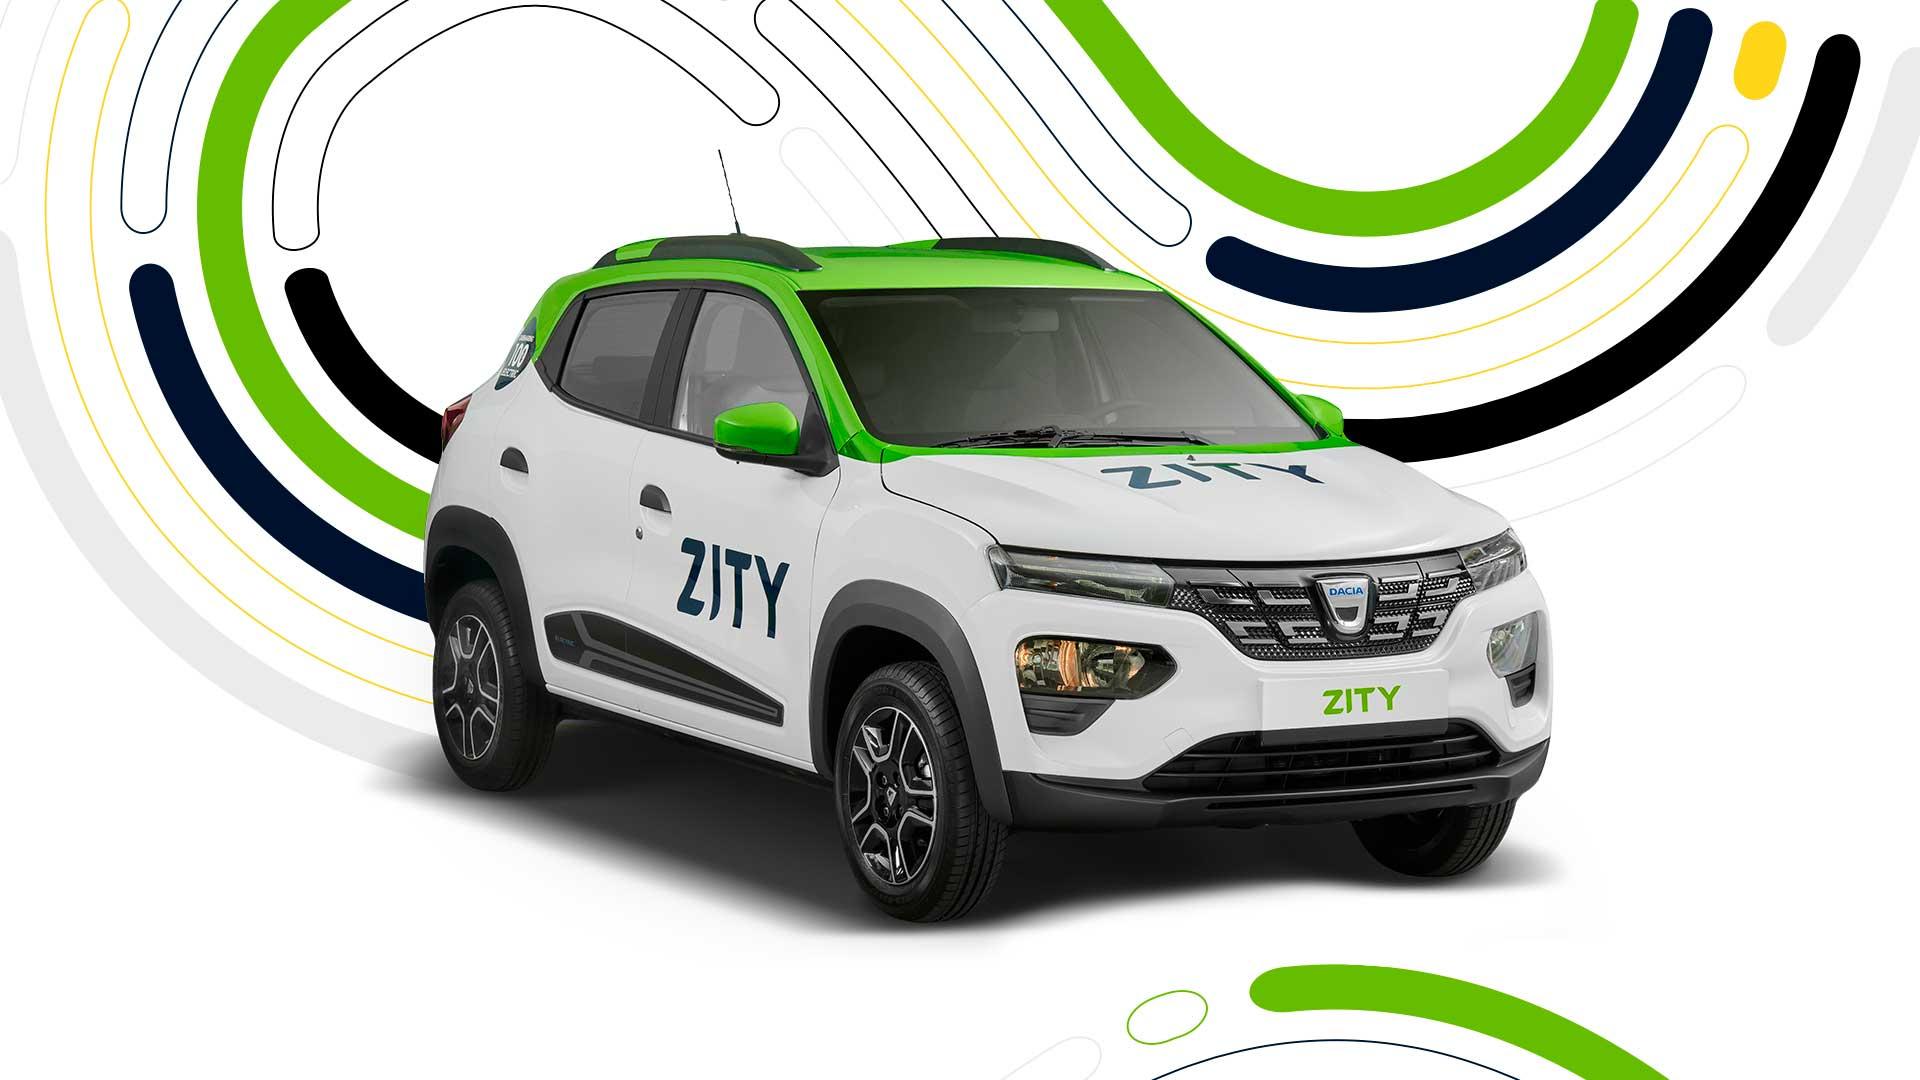 El nuevo Dacia Spring pasa a formar parte de la flota de Zity